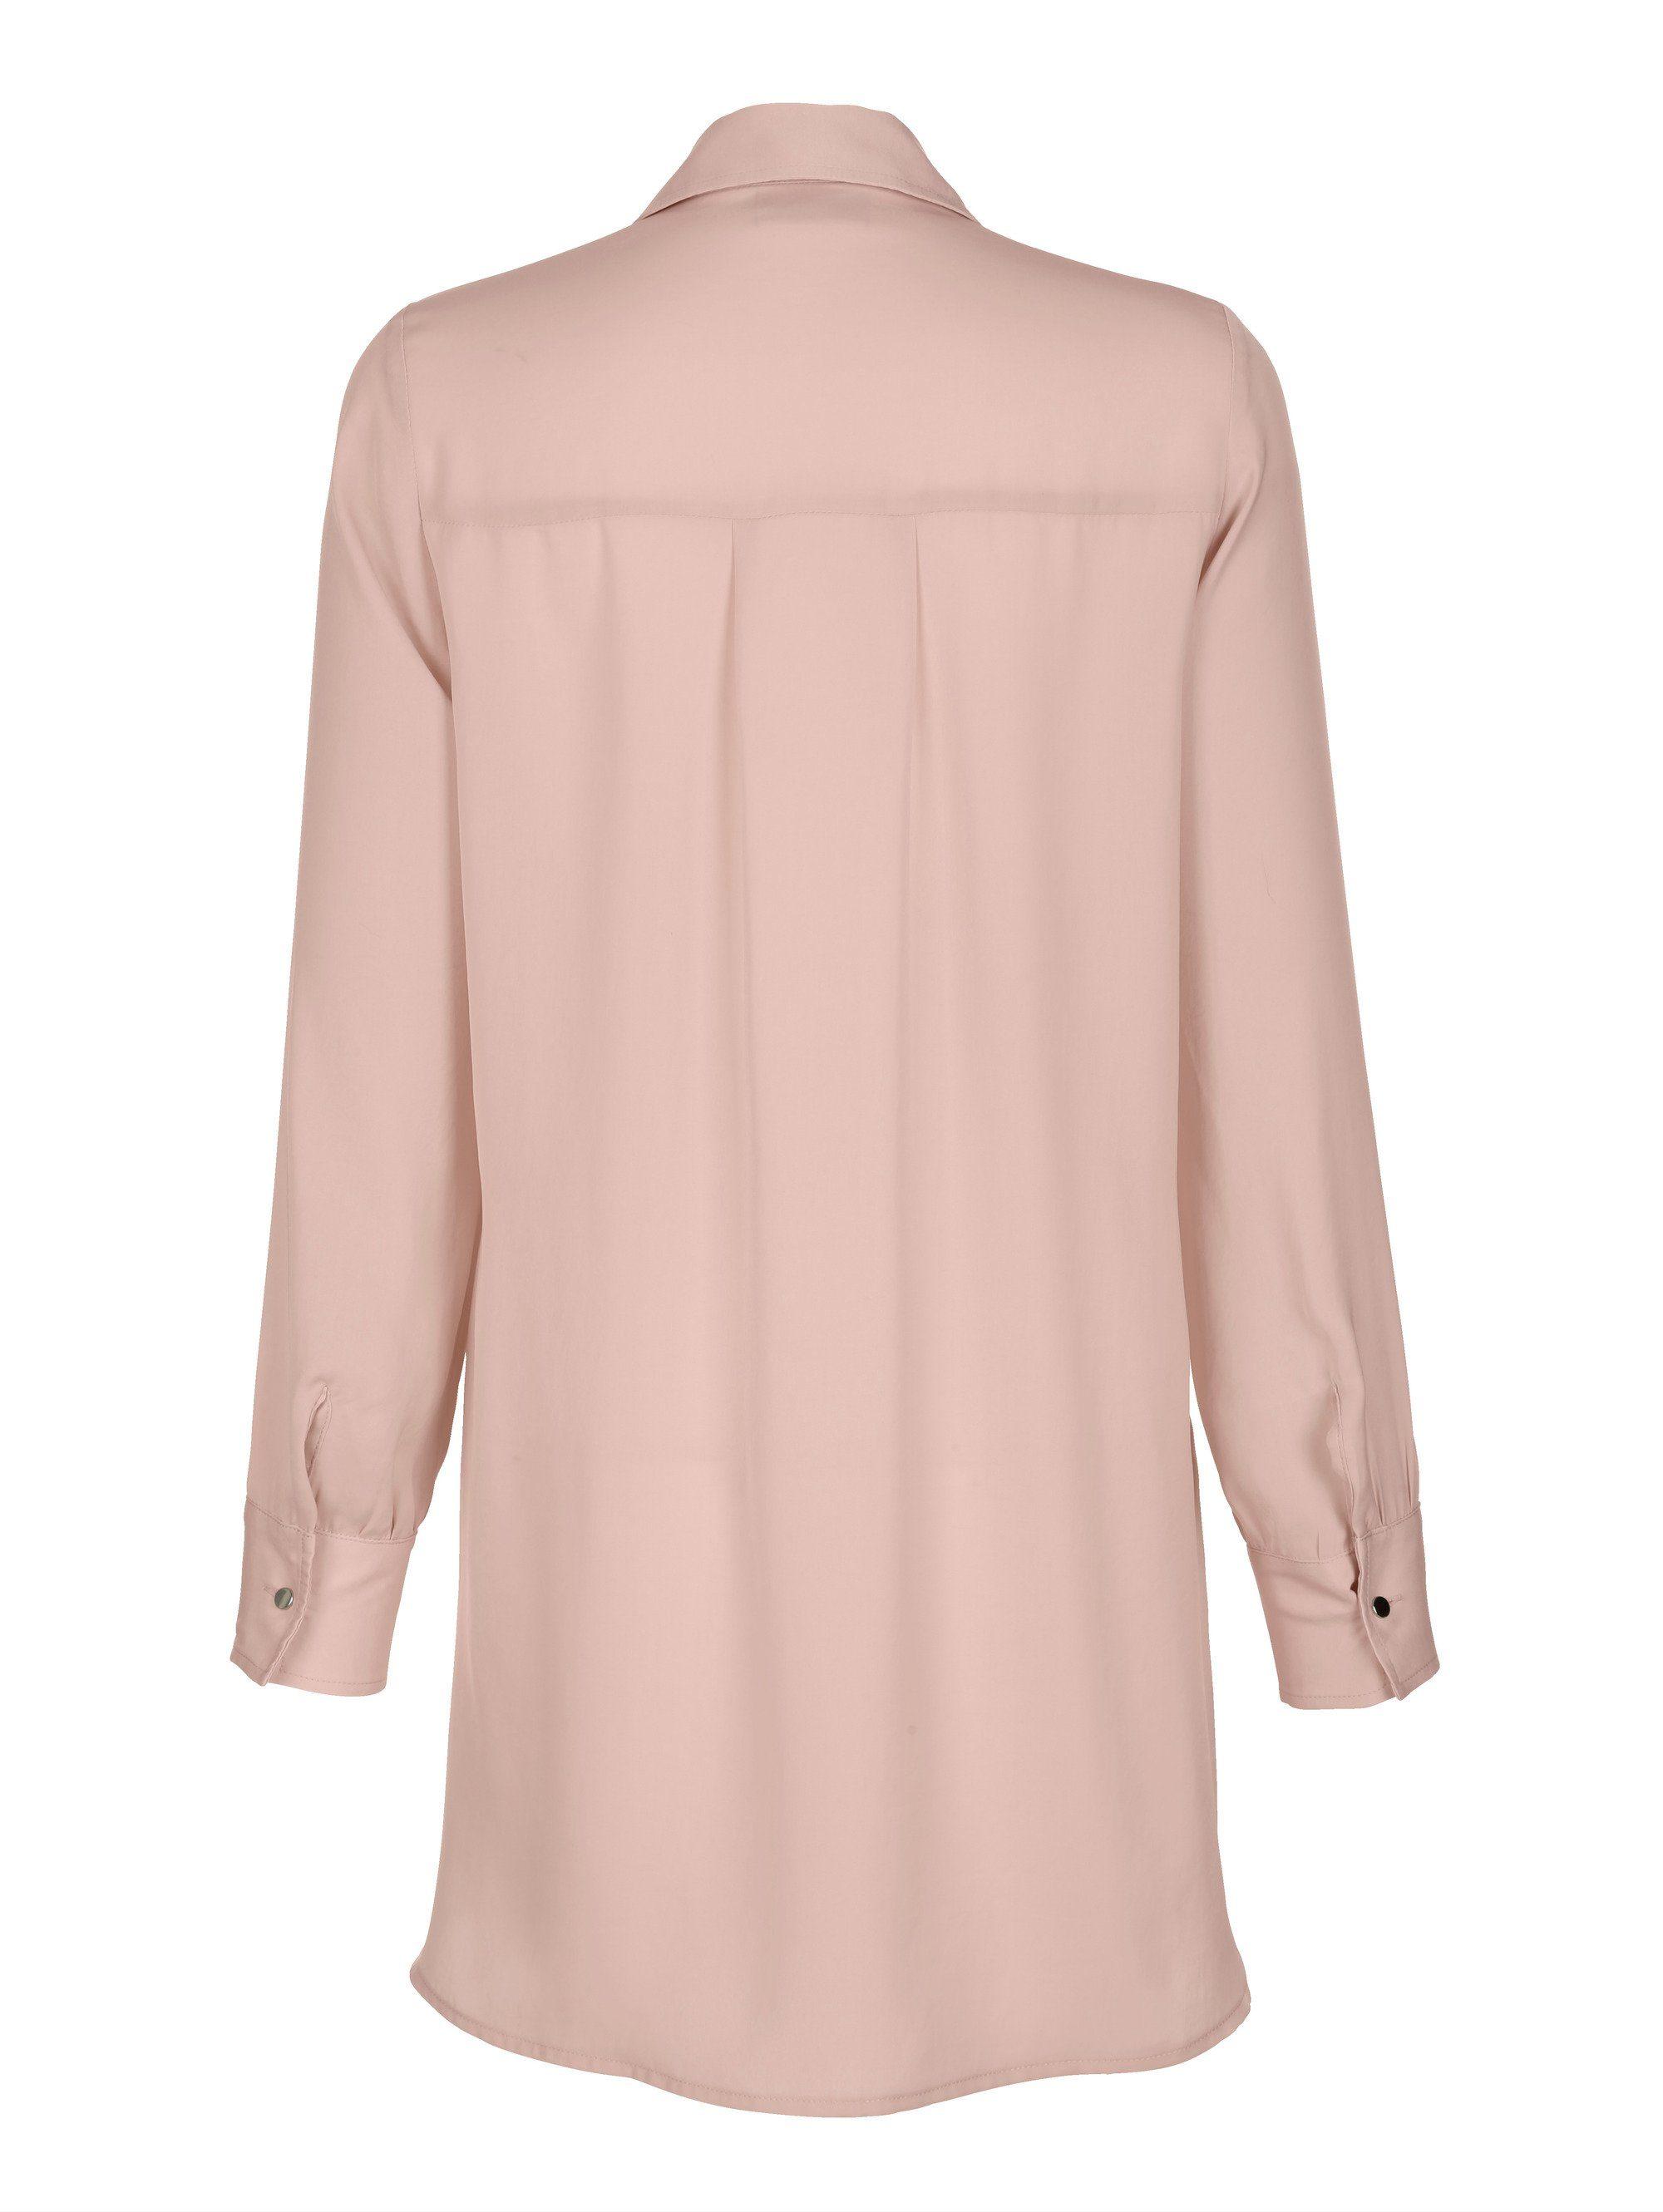 Amy Vermont Bluse aus fließendem Material kaufen | OTTO